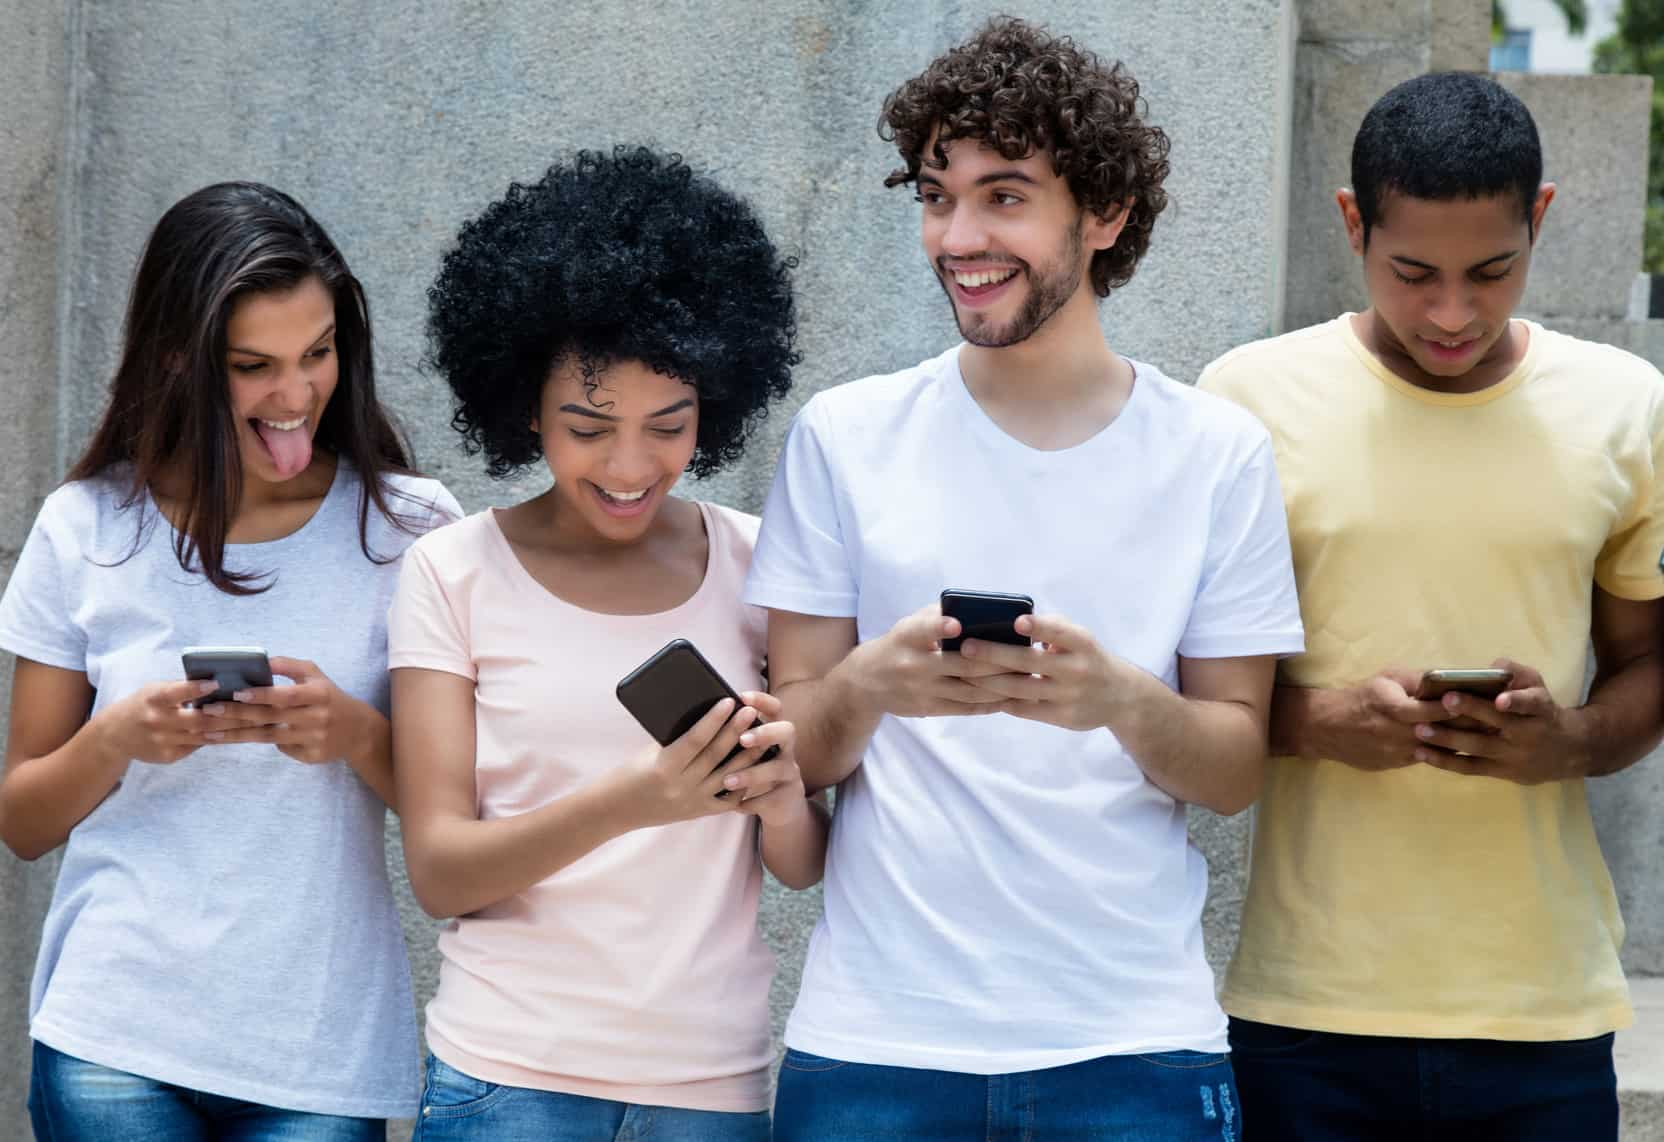 Mientras que en los esquemas de prepago se observó un incremento en los MB para navegación libre y MB para redes sociales por cada recarga.